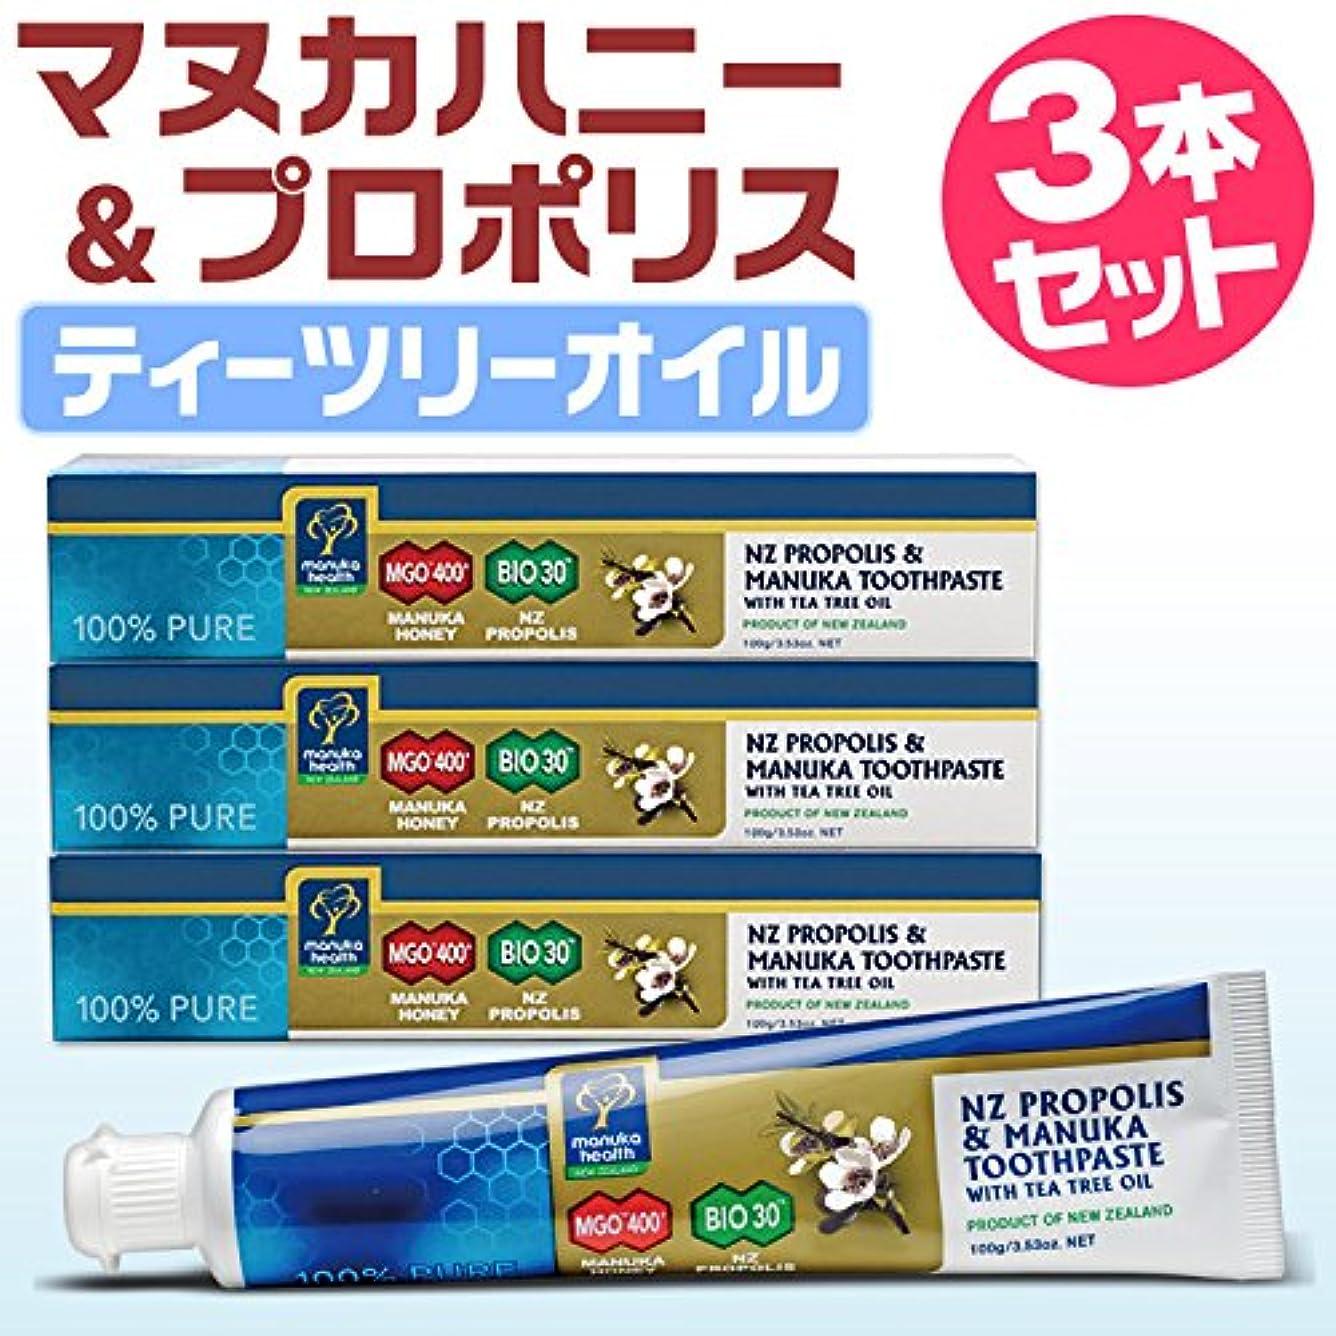 浸した記者キャロラインプロポリス&マヌカハニー MGO400+ ティーツリーオイル 歯磨き粉[100g]◆3本セット◆青